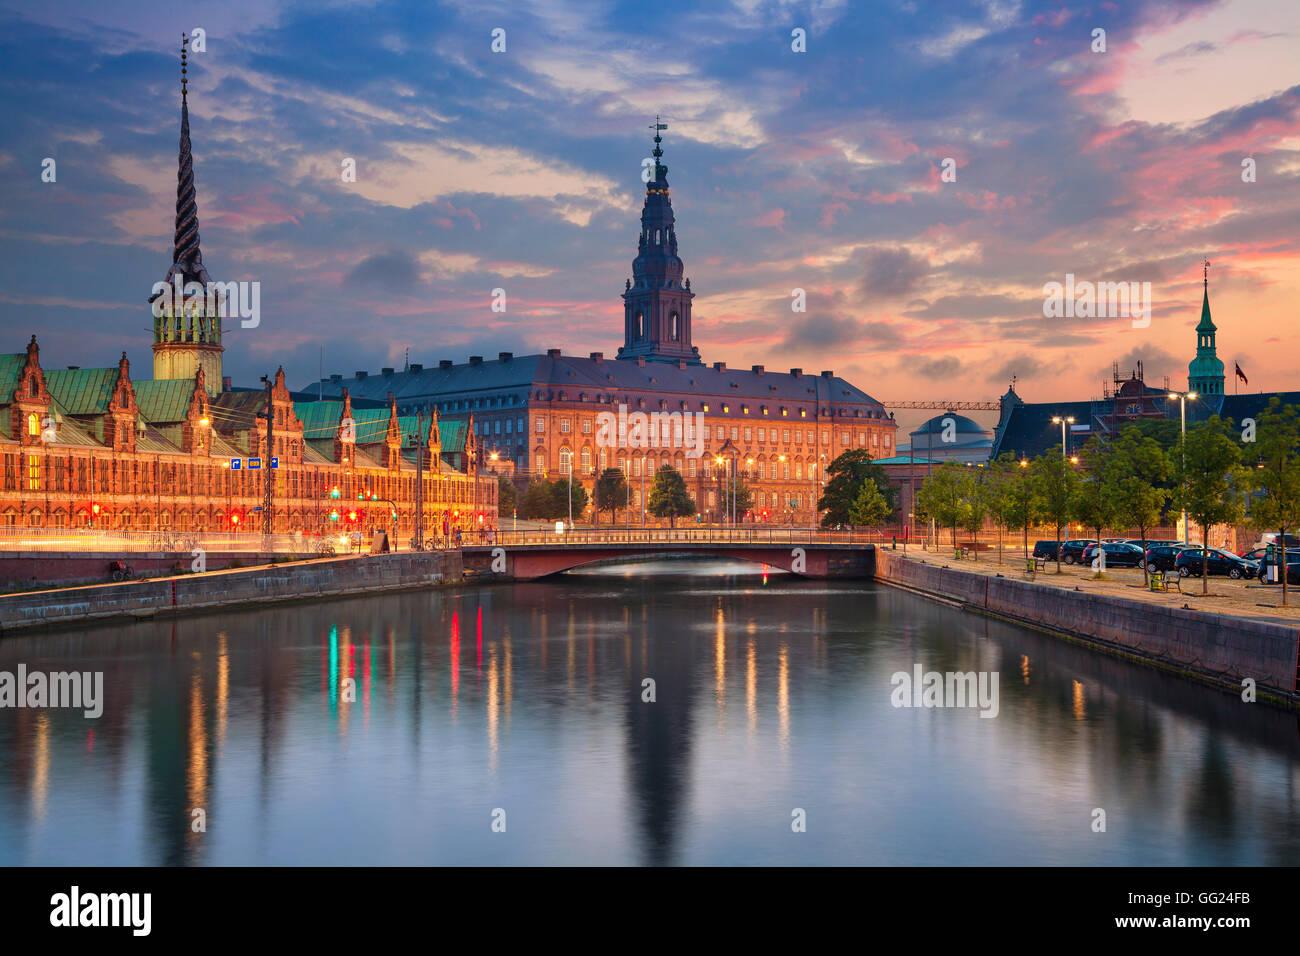 Kopenhagen. Bild von Kopenhagen während der blauen Dämmerstunde. Stockbild